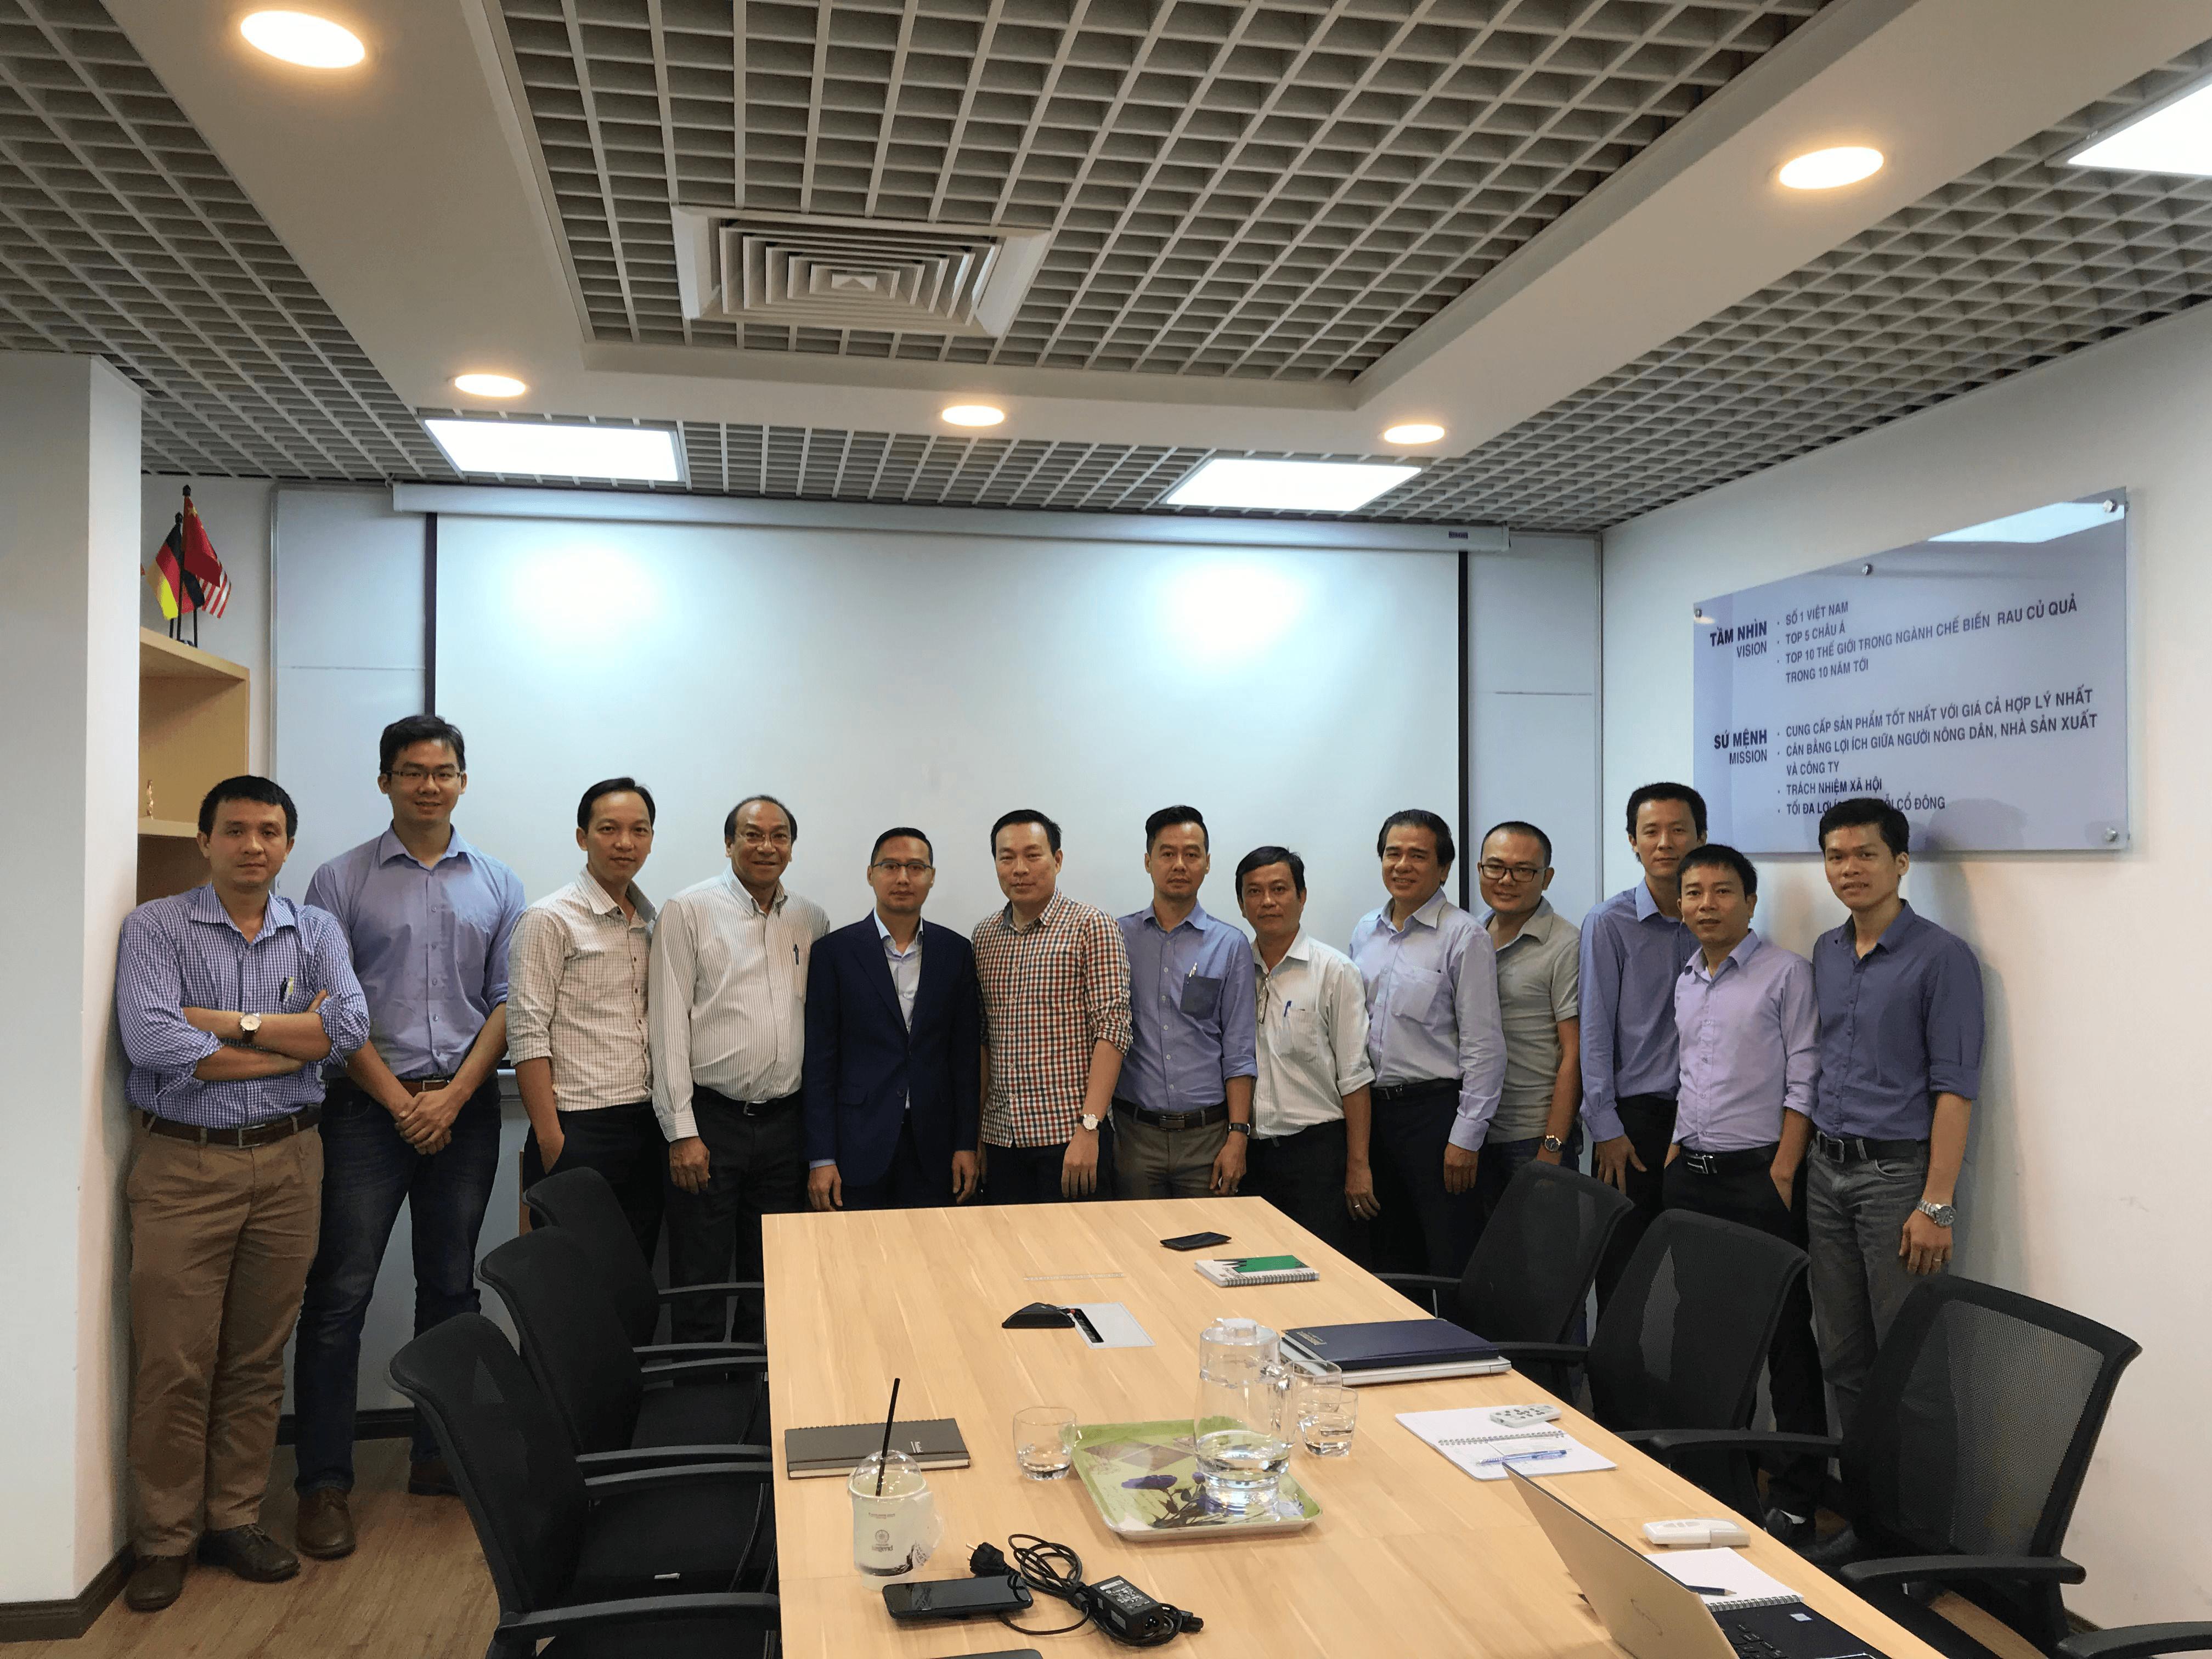 Lễ khởi động dự án triển khai eCommerce tại trụ sở Lavifood tại TP HCM